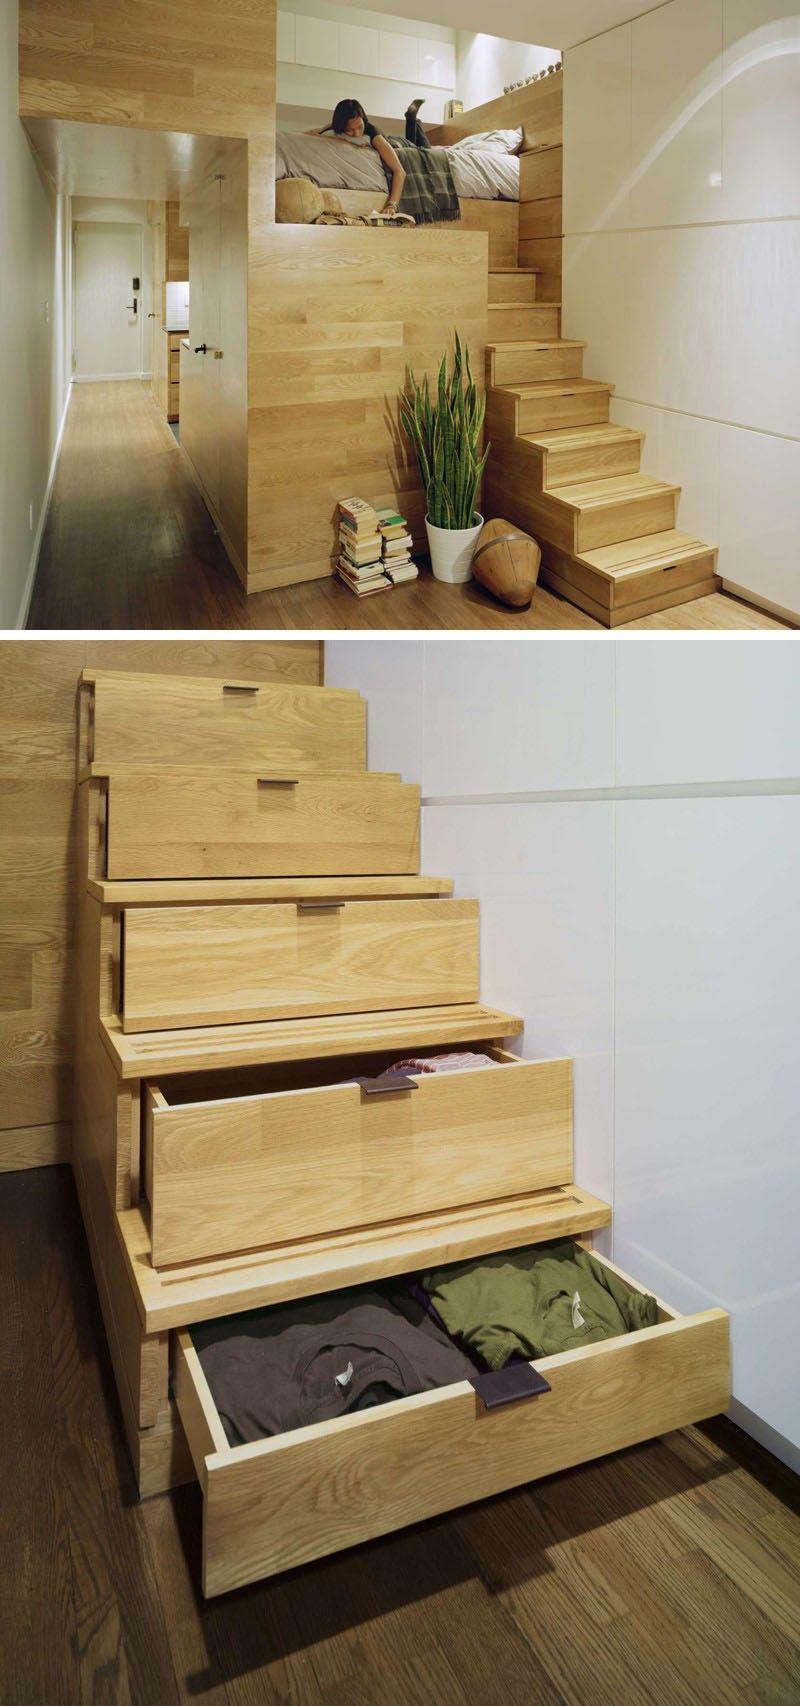 Kinderhochbett treppe  13 Treppe Design Ideen für kleine Räume / / die Treppe zum ...